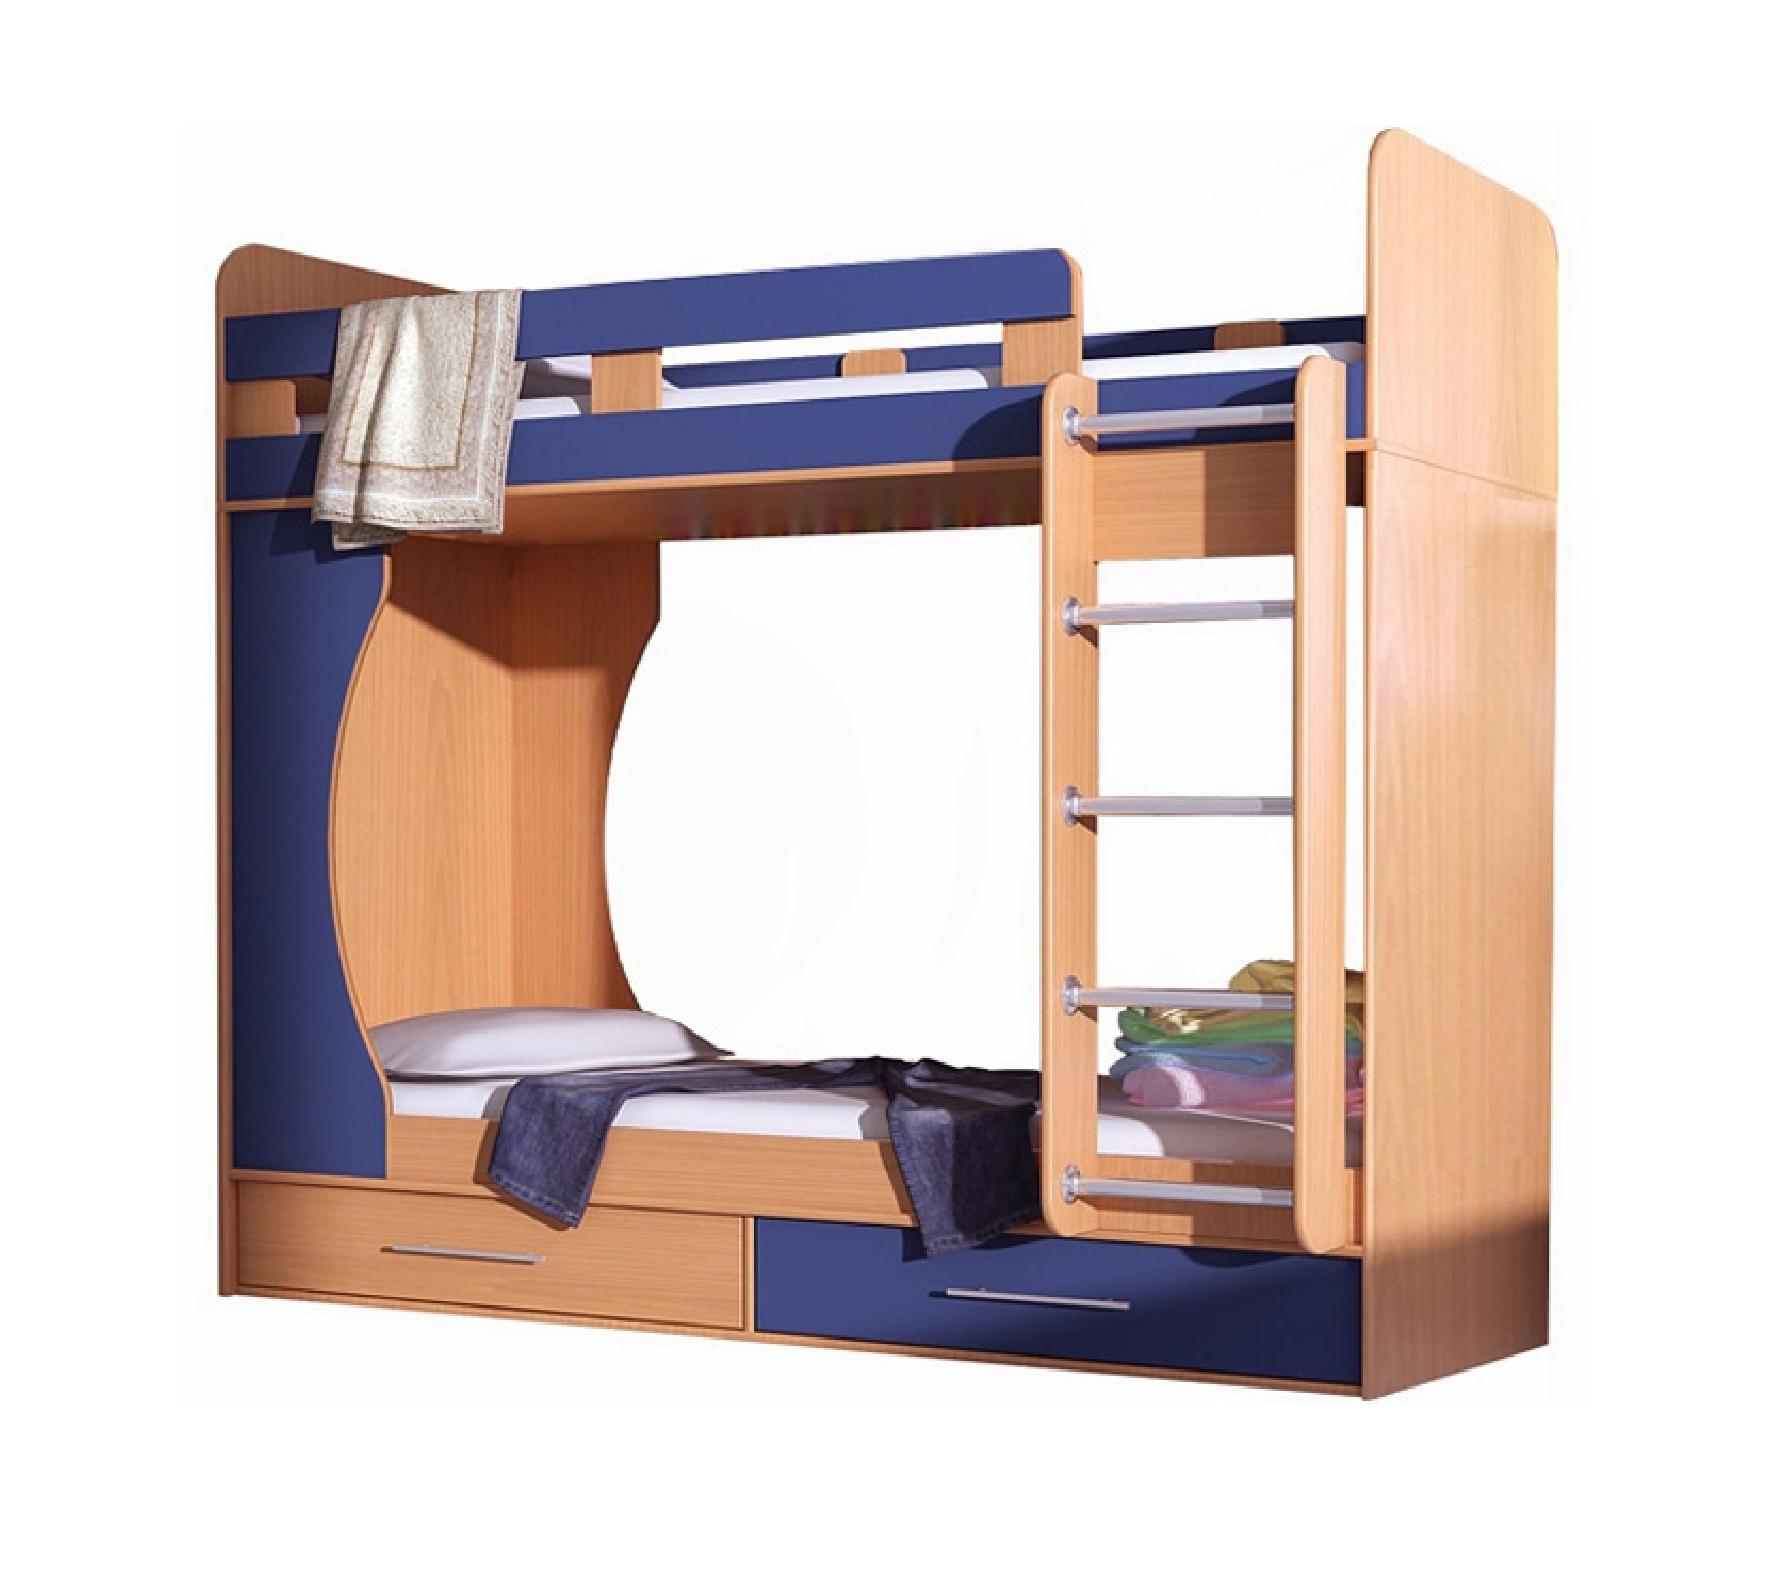 Кровать Д-902Детские кровати<br>Размер: 950х2050х2100<br><br>Материалы: ЛДСП, кромка ПВХ<br>Полный размер (ДхВхГ): 950х2050х2100<br>Комплектация: 2 ящика для белья<br>Примечание: Доставляется в разобранном виде<br>Важно: Матрасы в стоимость не входит!<br>Изготовление и доставка: 10-14 дней<br>Условия доставки: Бесплатная по Москве до подъезда<br>Условие оплаты: Оплата наличными при получении товара<br>Доставка по МО (за пределами МКАД): 30 руб./км<br>Доставка в пределах ТТК: Доставка в центр Москвы осуществляется ночью, с 22.00 до 6.00 утра<br>Подъем на грузовом лифте: 700 руб.<br>Подъем без лифта: 350 руб./этаж, включая первый<br>Сборка: 10% от стоимости изделия<br>Гарантия: 12 месяцев<br>Производство: Россия<br>Производитель: Grey